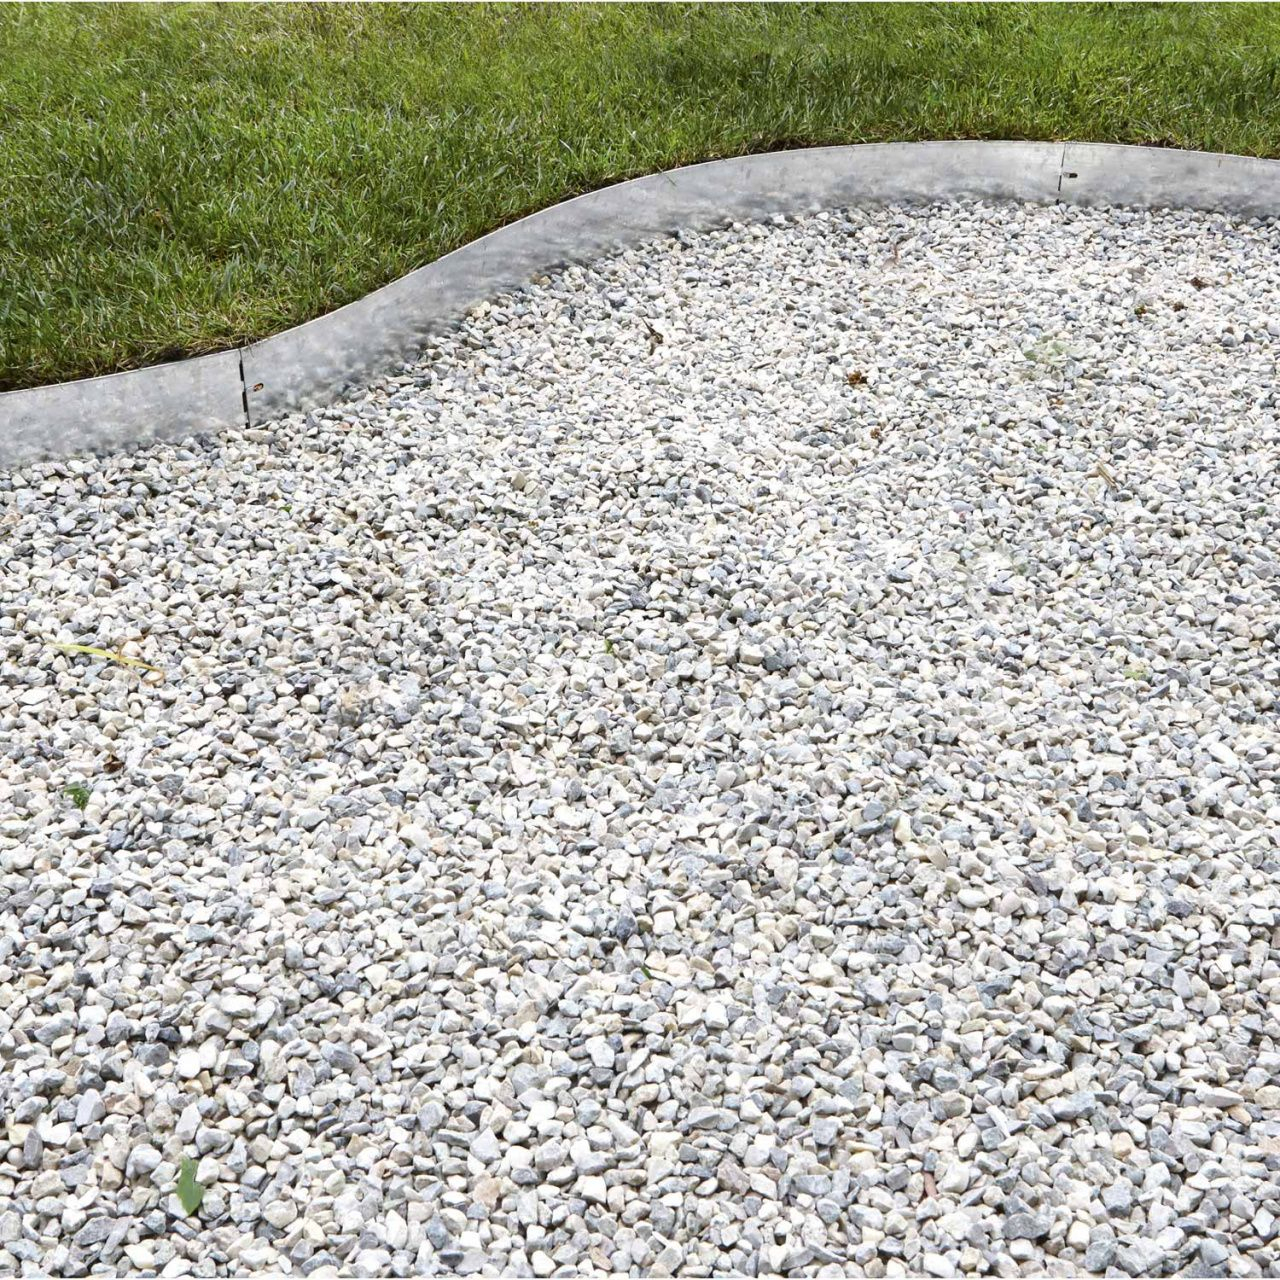 55 Stabilisateur De Gravier Castorama | Stabilisateur De ... destiné Bordure De Jardin En Acier Galvanisé Castorama